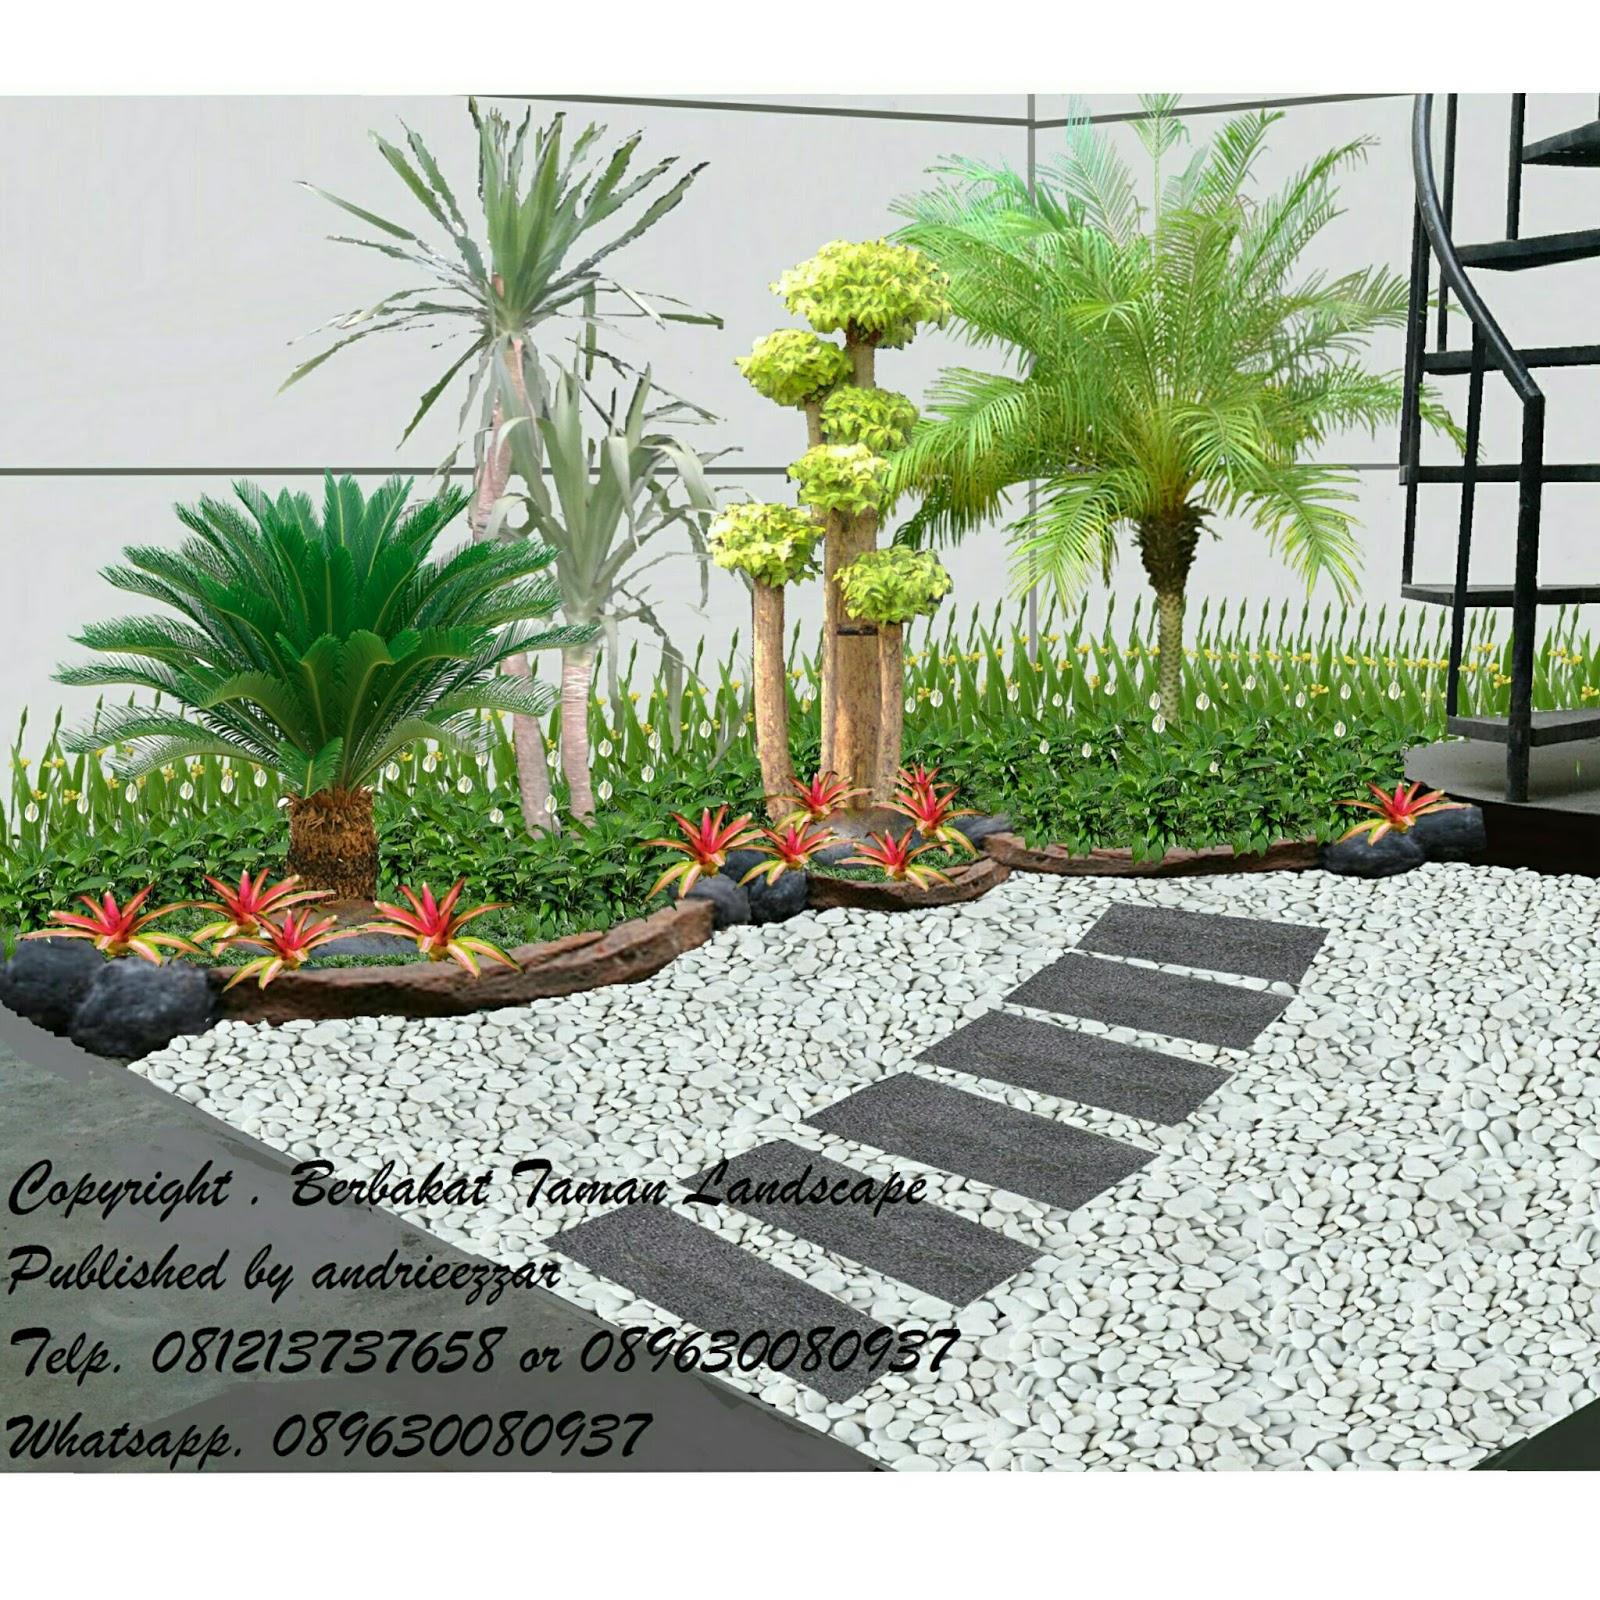 Beberapa Contoh Desain Taman Indoor Terbaik